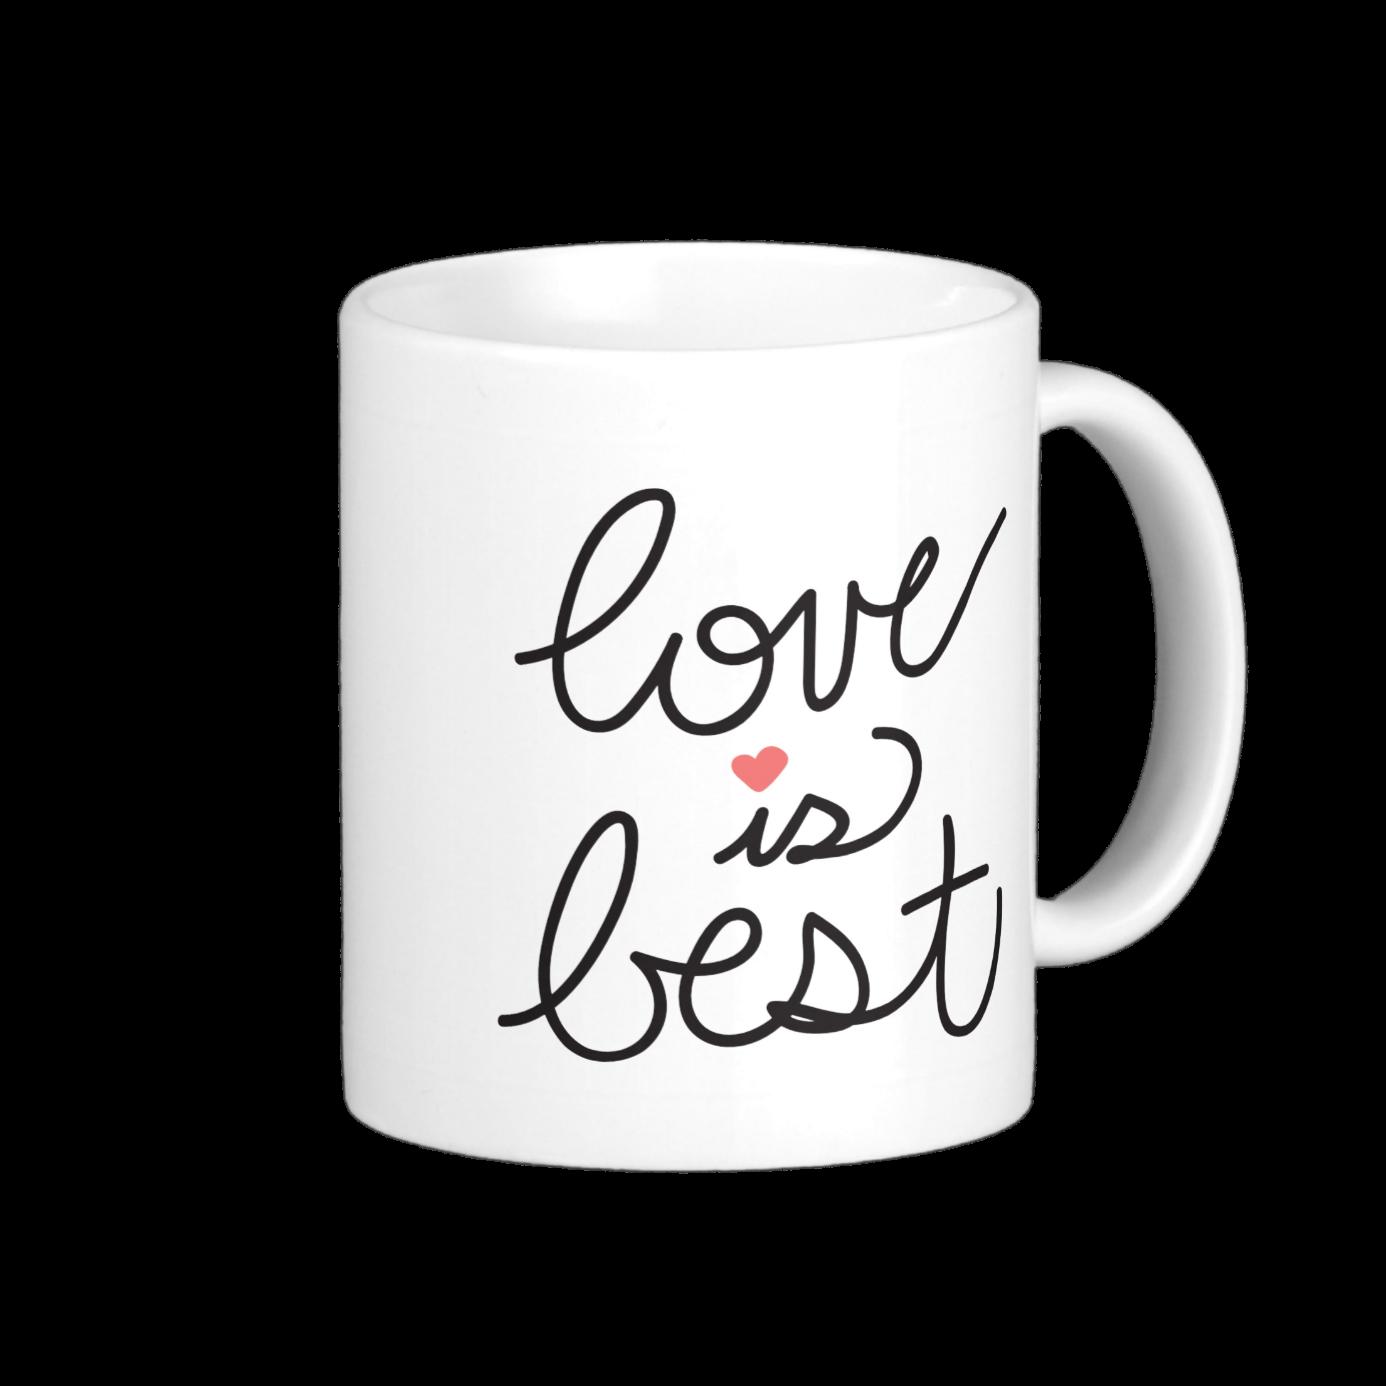 love is best coffee mug